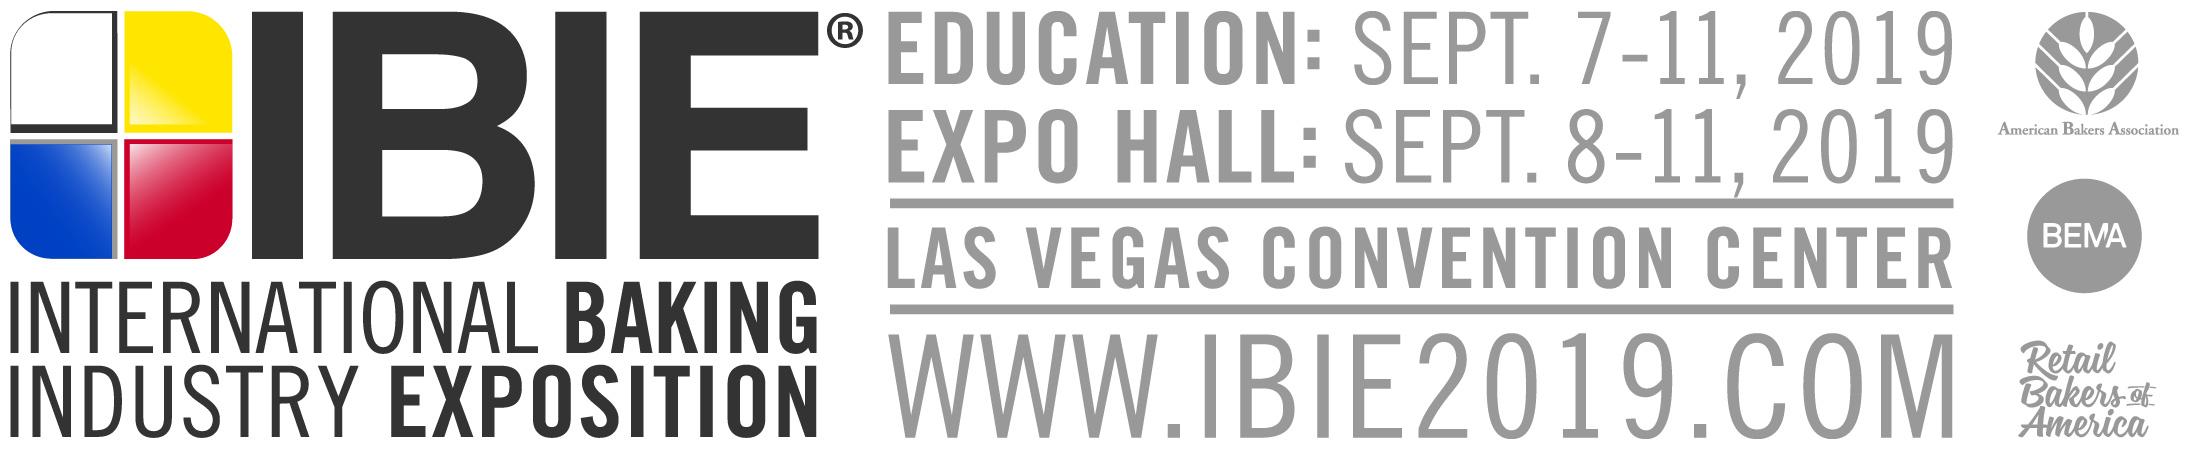 IBIE Expo